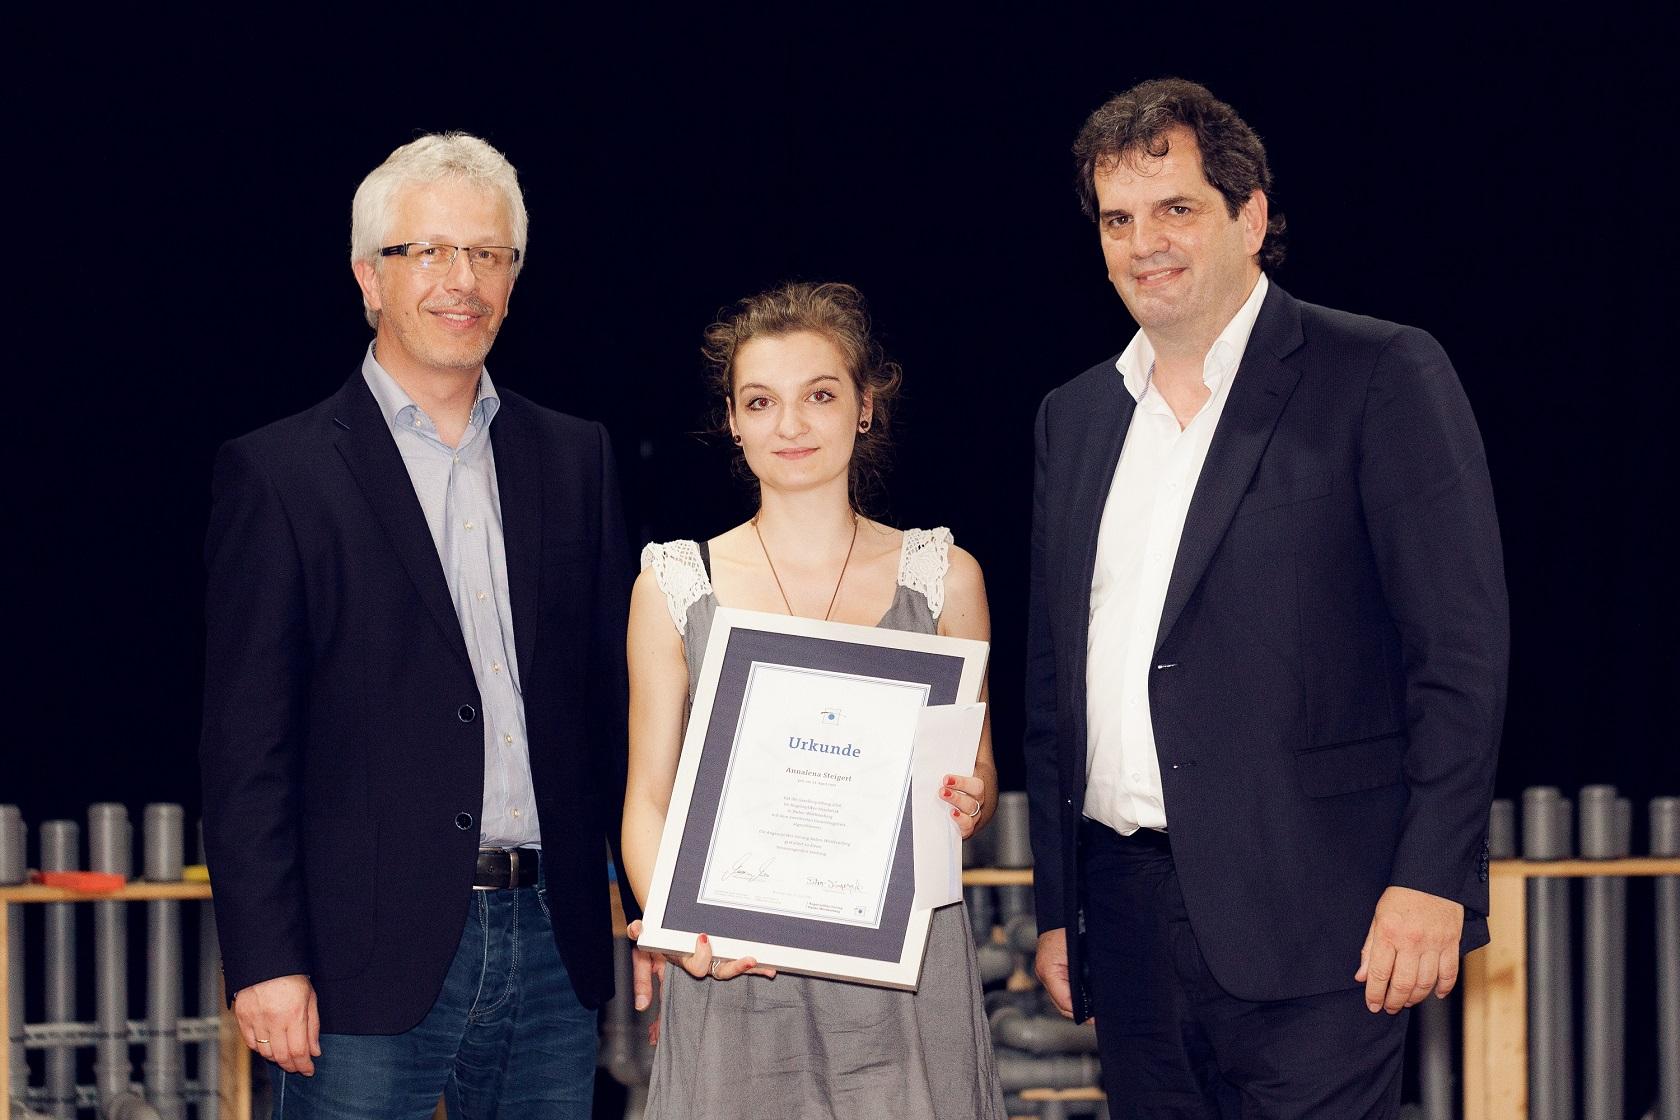 Schulabschlussfeier Bruchsal 2016 Prüfungsbeste